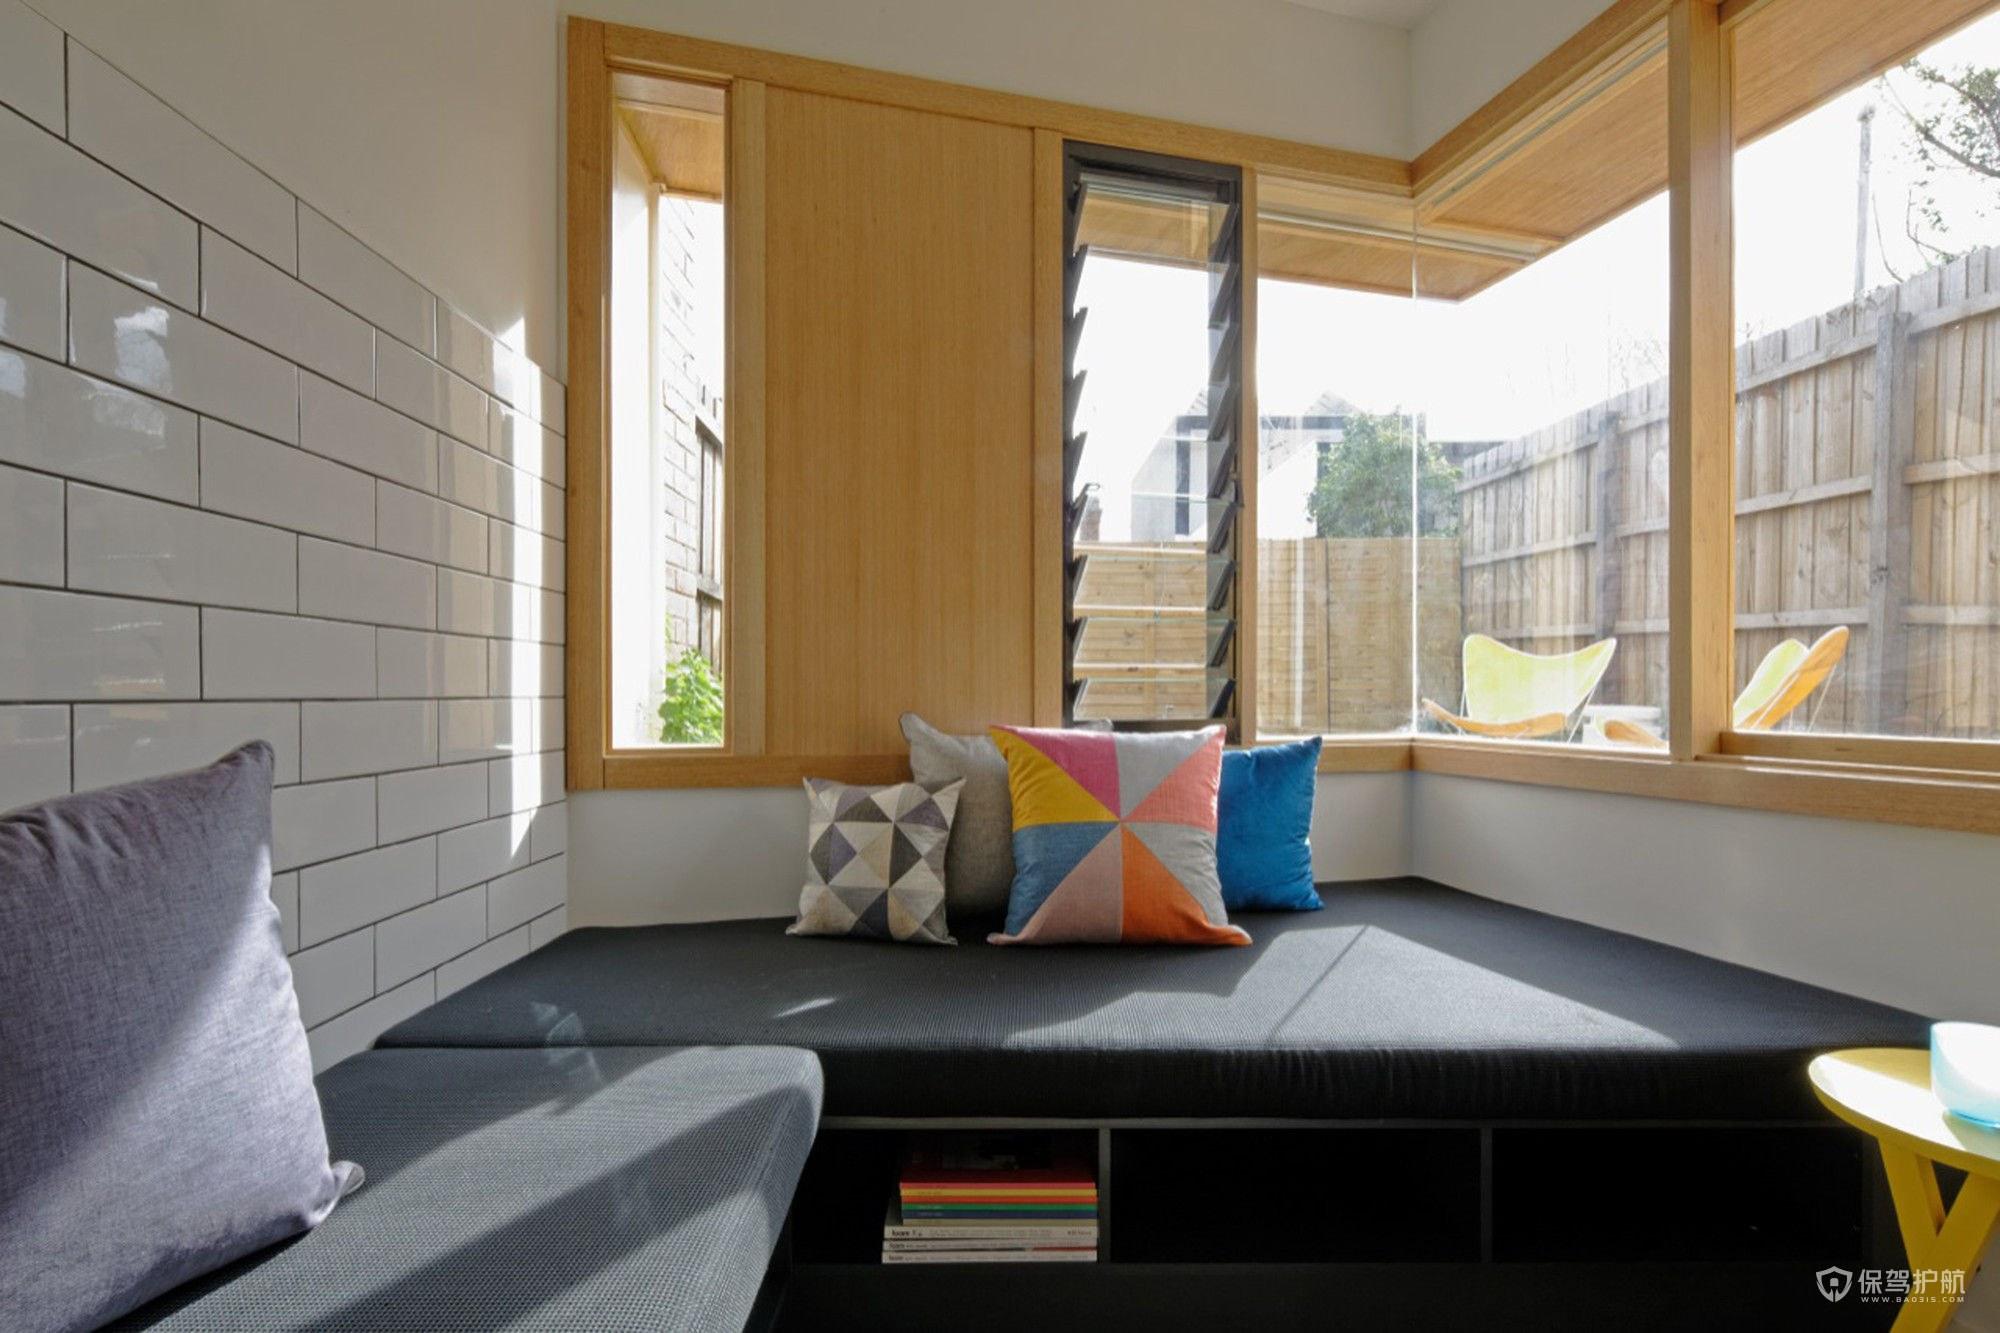 家装飘窗怎么设计好?不同飘窗装修风格效果图